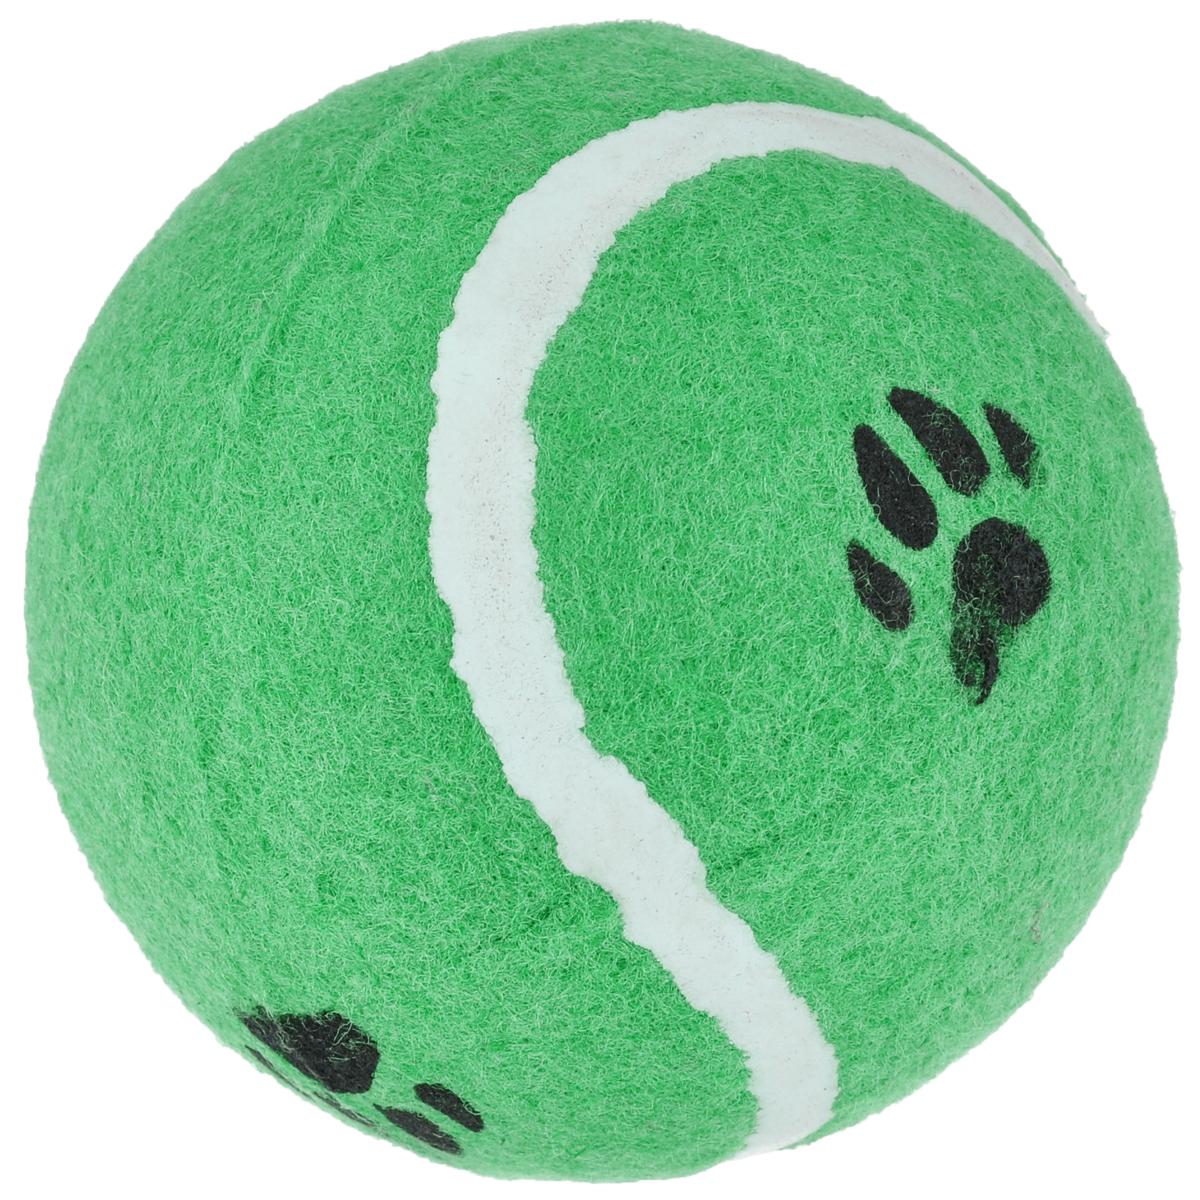 Игрушка для собак I.P.T.S. Мячик теннисный с отпечатками лап, цвет: зеленый, диаметр 10 см16211/625596_зеленыйИгрушка для собак I.P.T.S. Мячик теннисный с отпечатками лап изготовлена из прочной цветной резины с ворсистой поверхностью в виде реального теннисного мяча с отпечатками лап. Предназначена для игр с собакой любого возраста. Такая игрушка привлечет внимание вашего любимца и не оставит его равнодушным. Диаметр: 10 см.